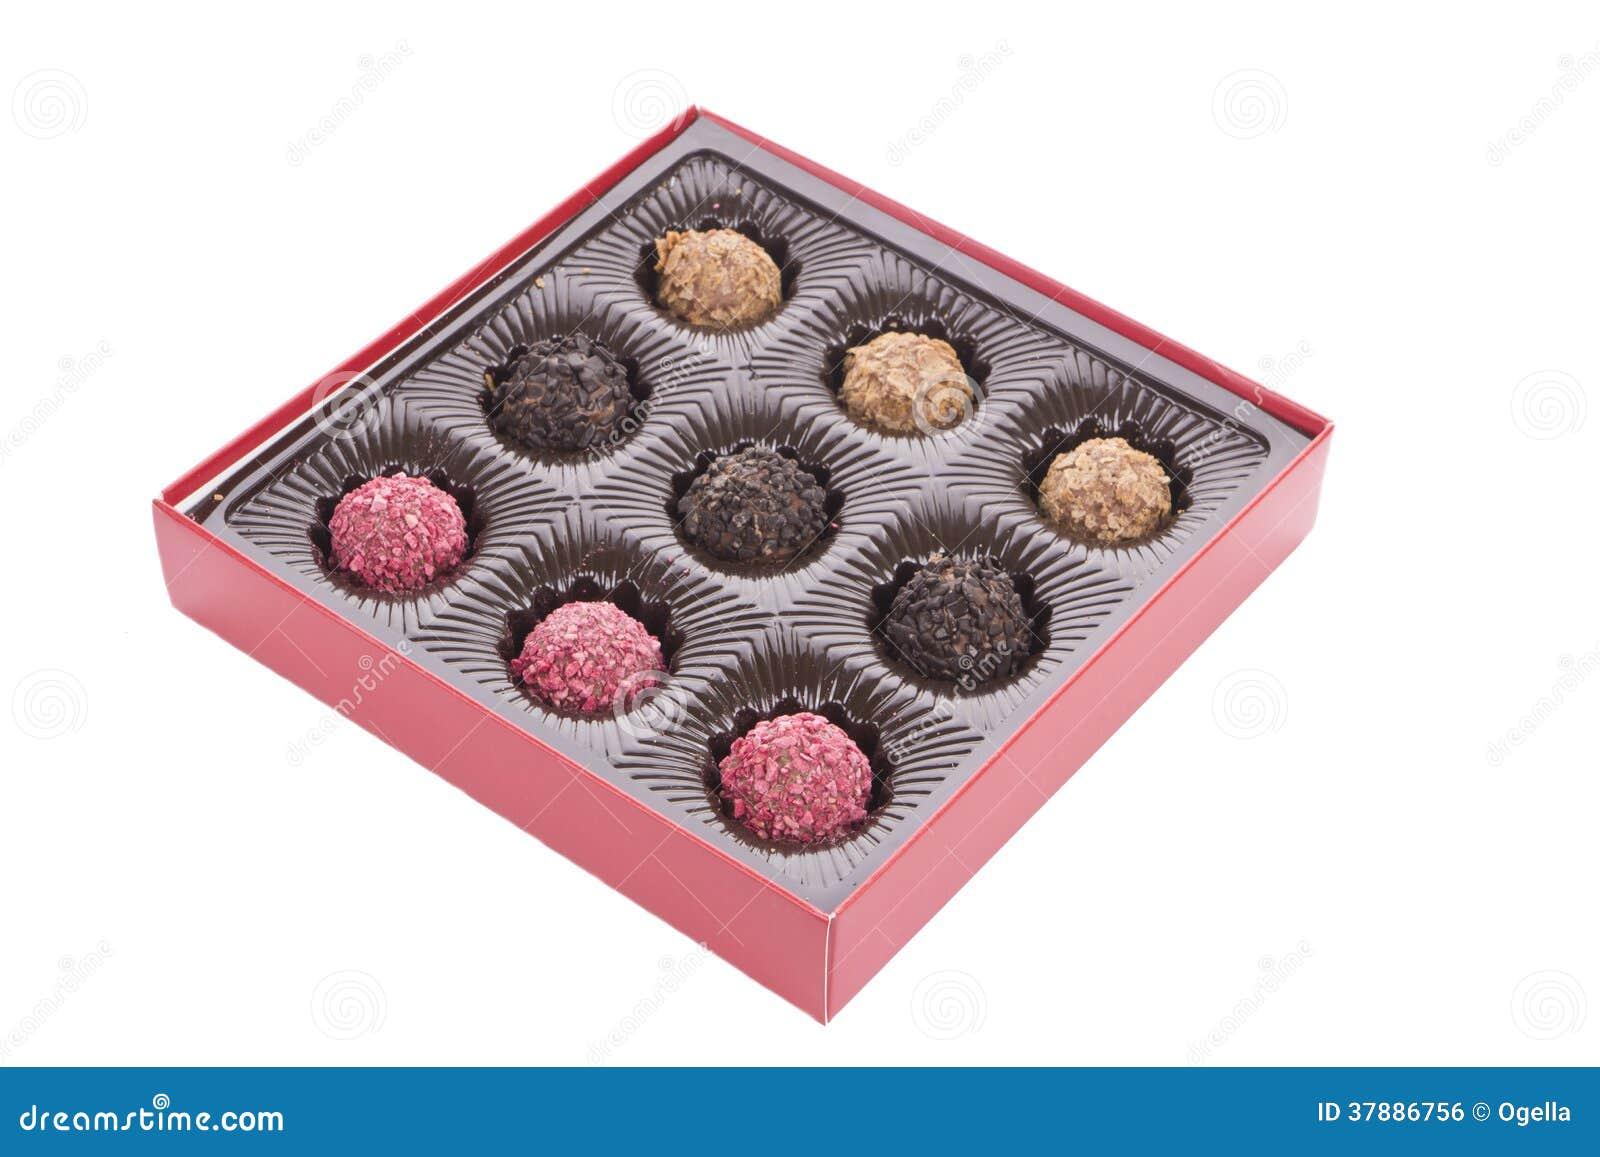 Ask av chokladtryffeln med bränd mandel